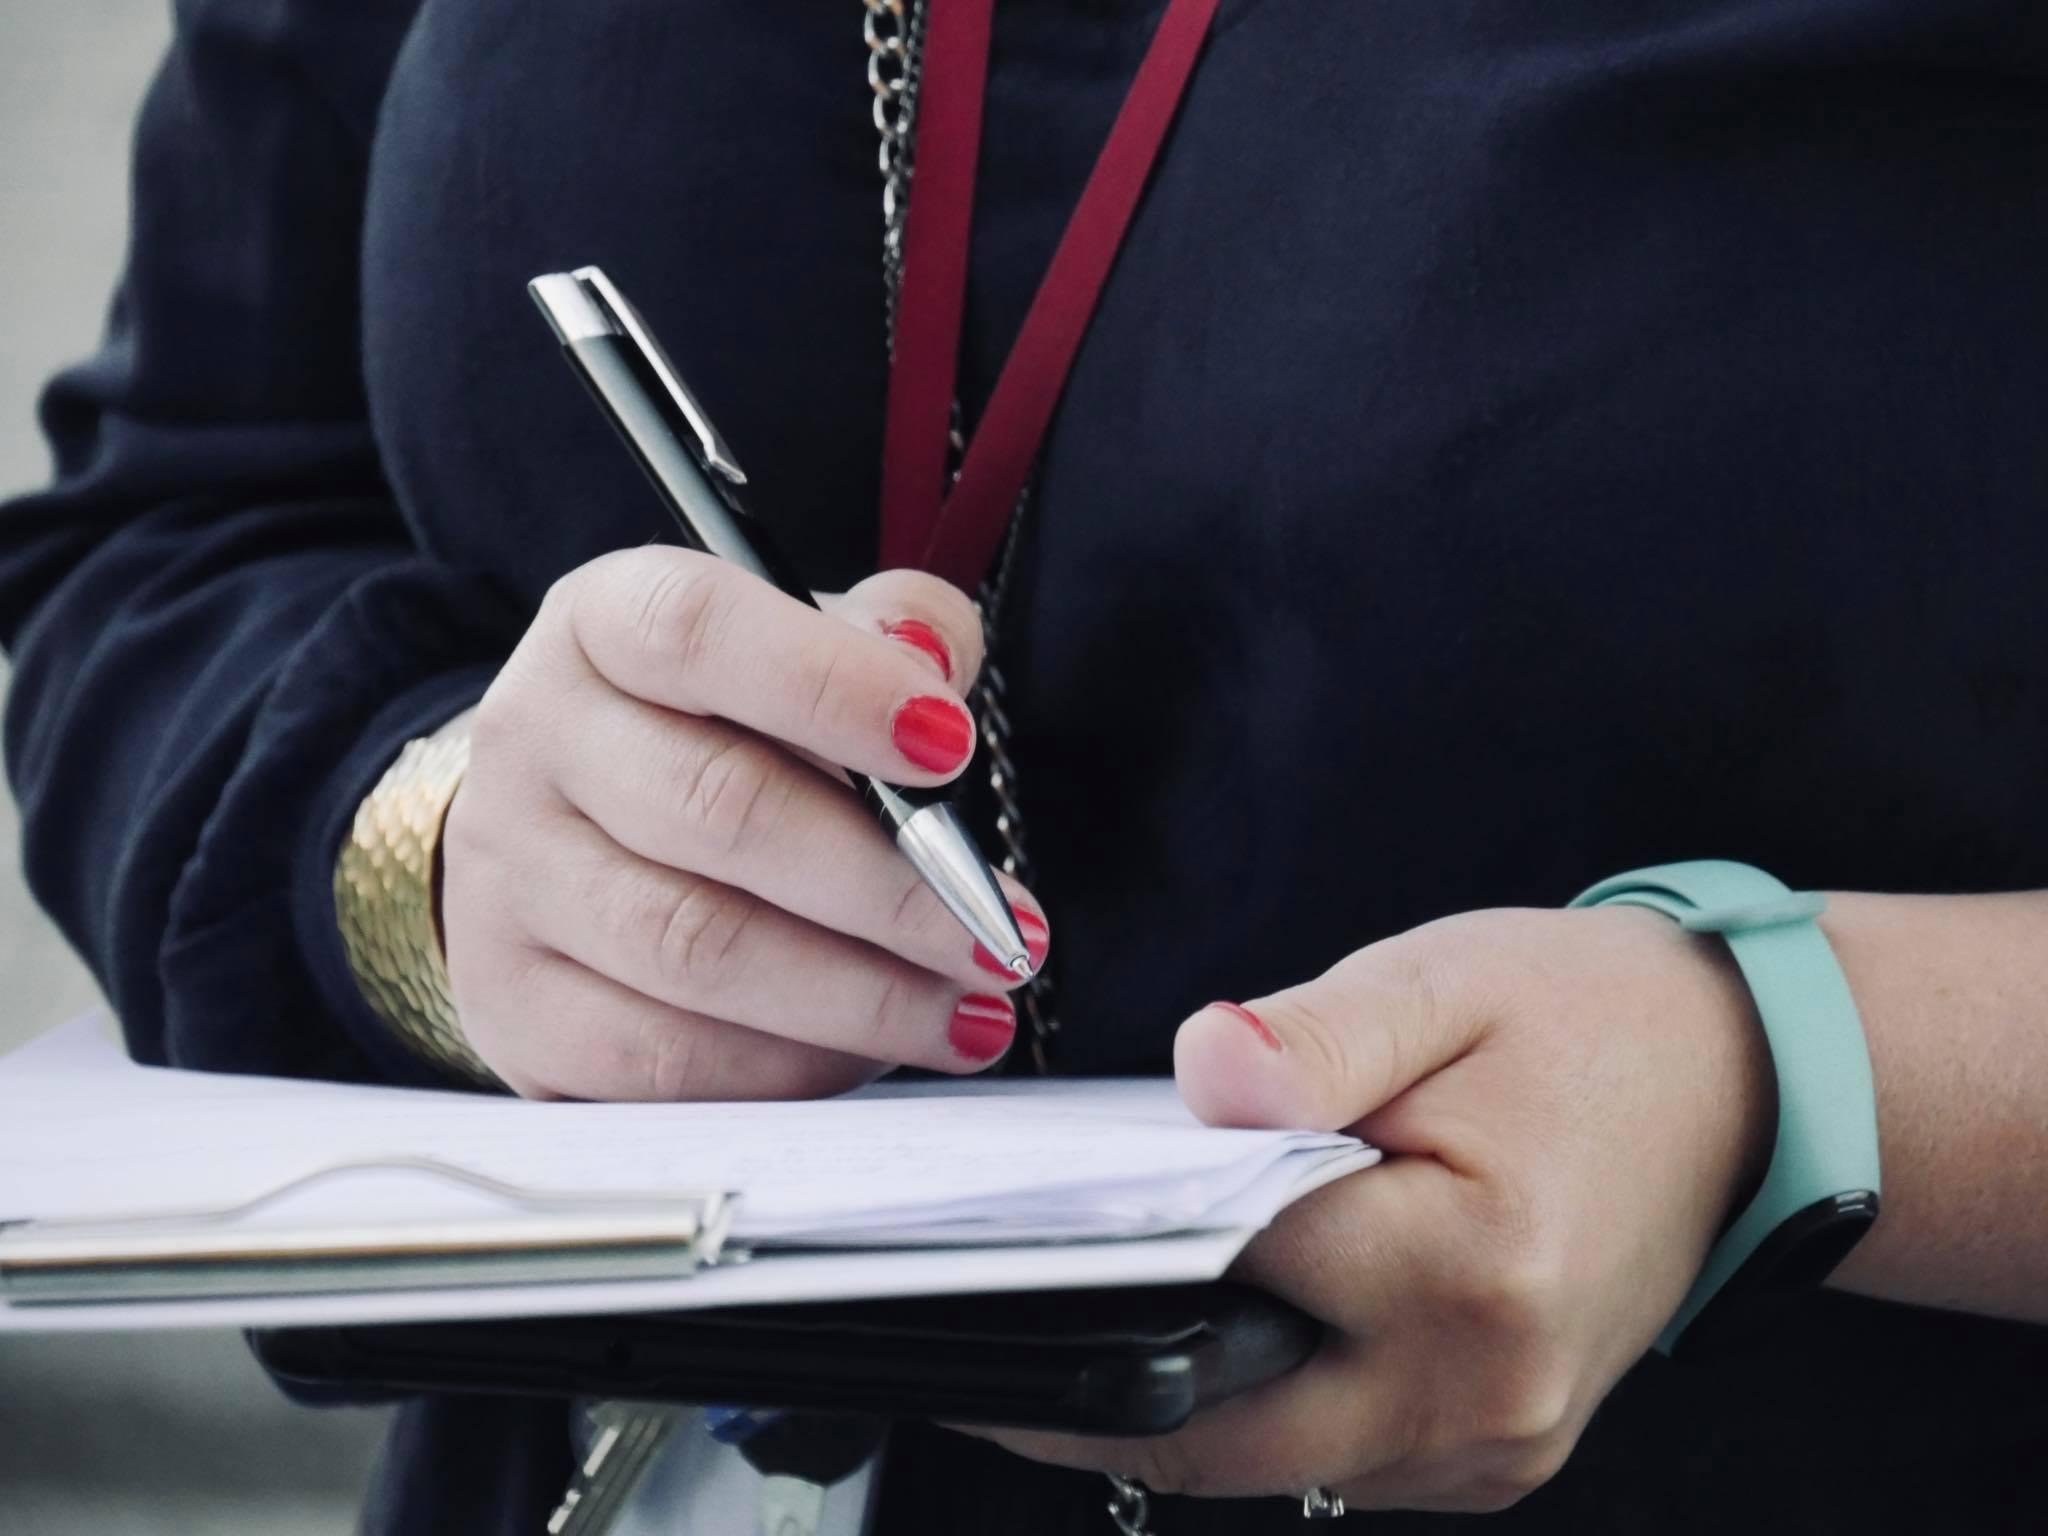 Spotkanie podczas audytu architektonicznego dostępności wBibliotece Publicznej wPiasecznie - osoba robiąca notatki